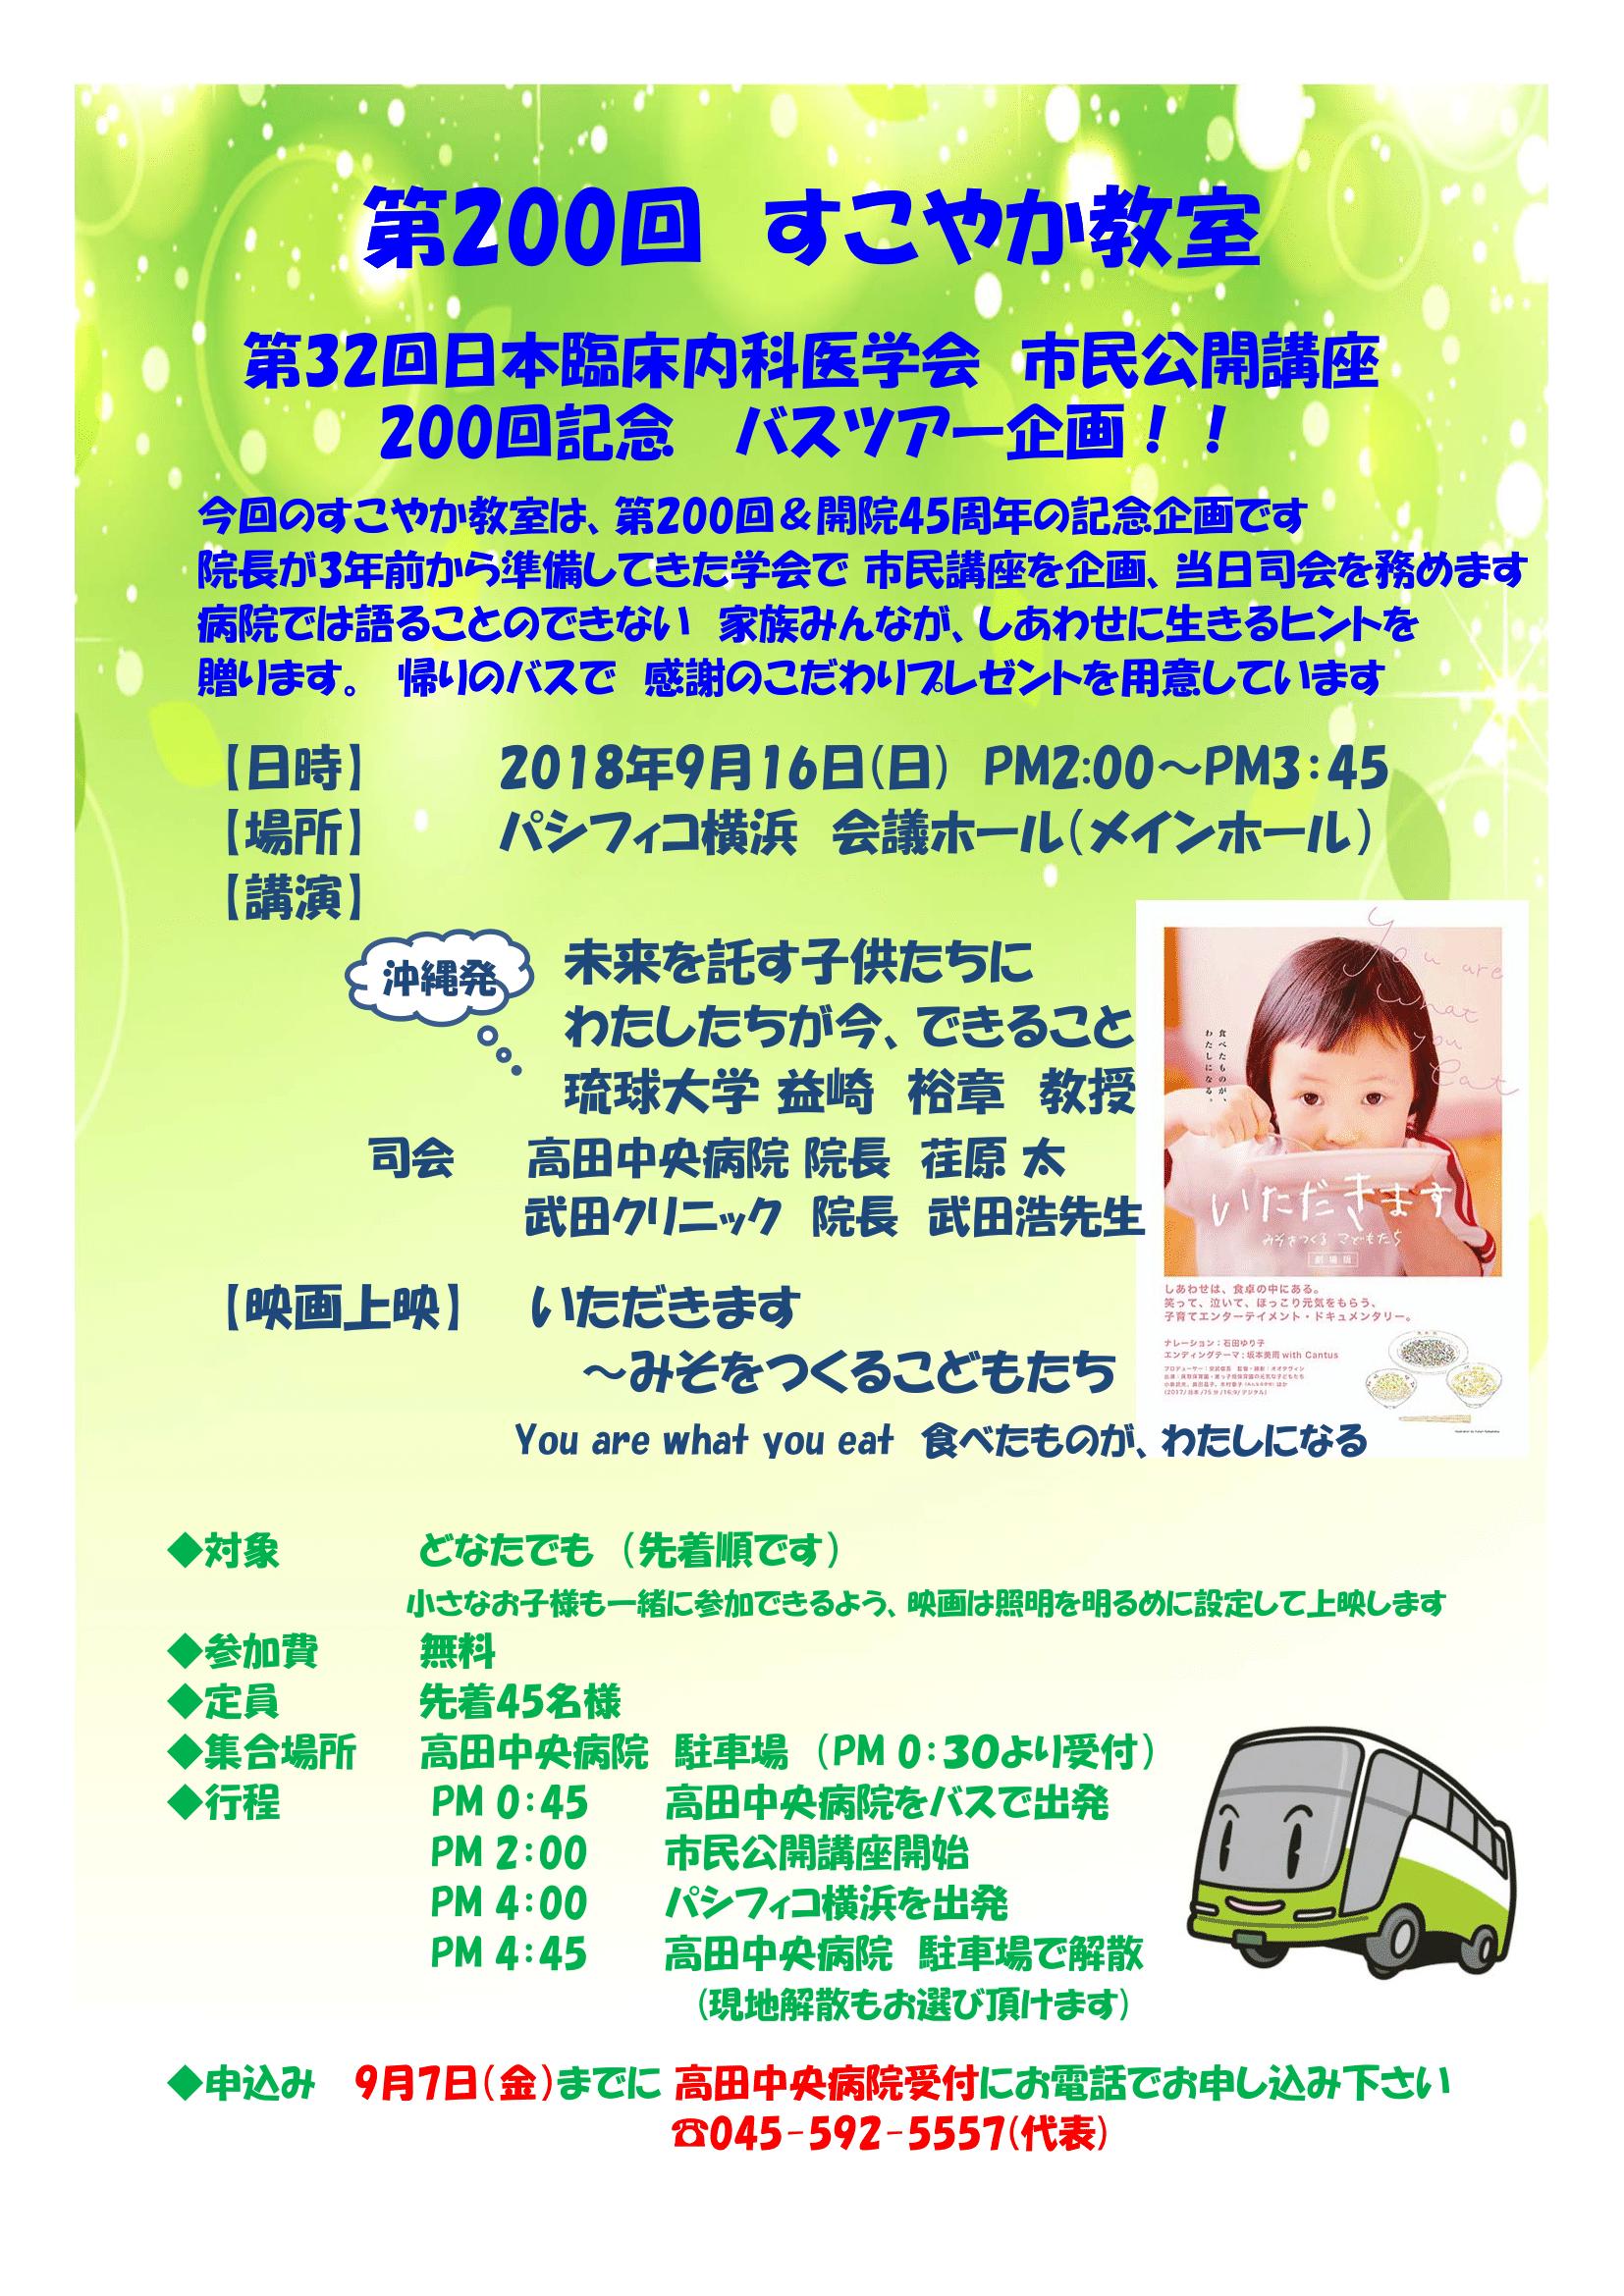 ☆すこやか教室最終     200回記念e38080-1